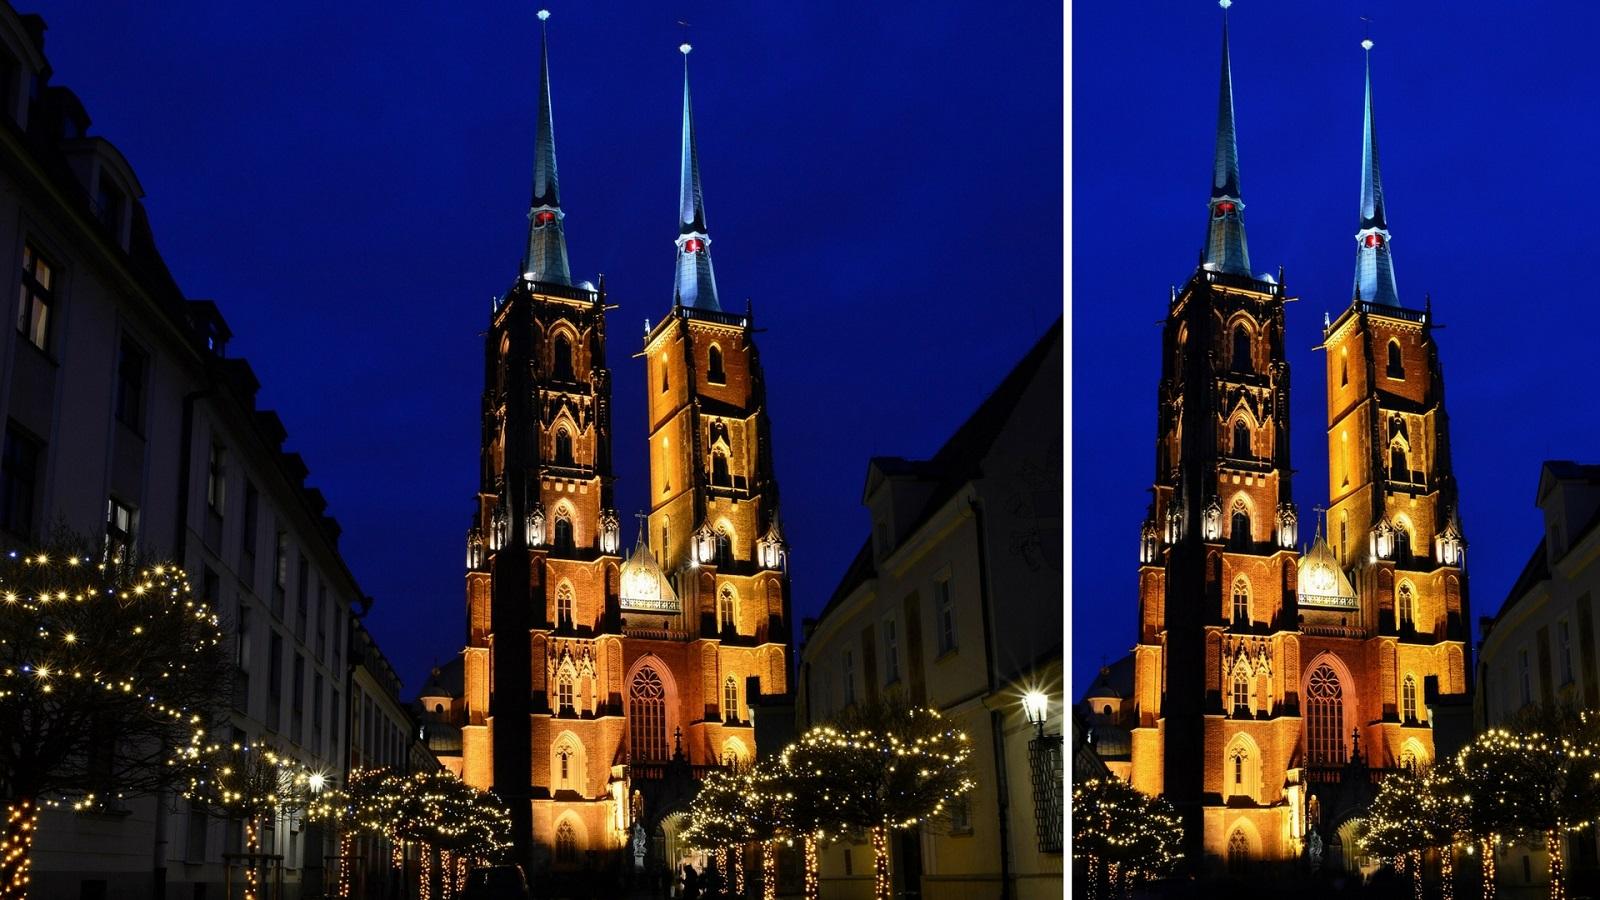 Katedra - Ostrów Tumski nocą - Wrocław